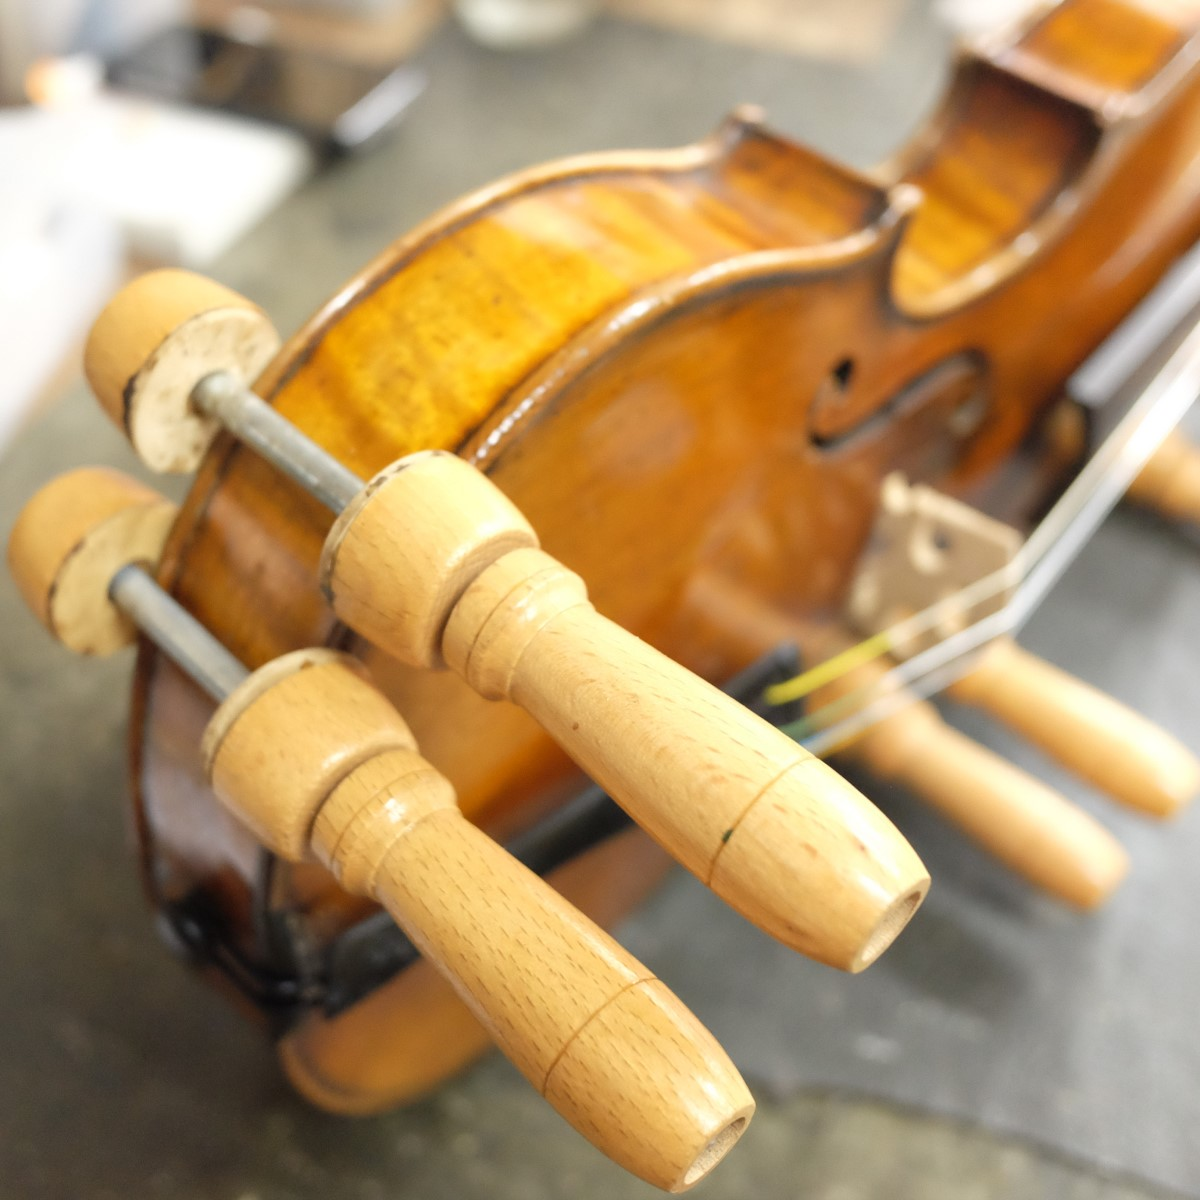 はがれた部分にニカワを入れて圧着しているバイオリン